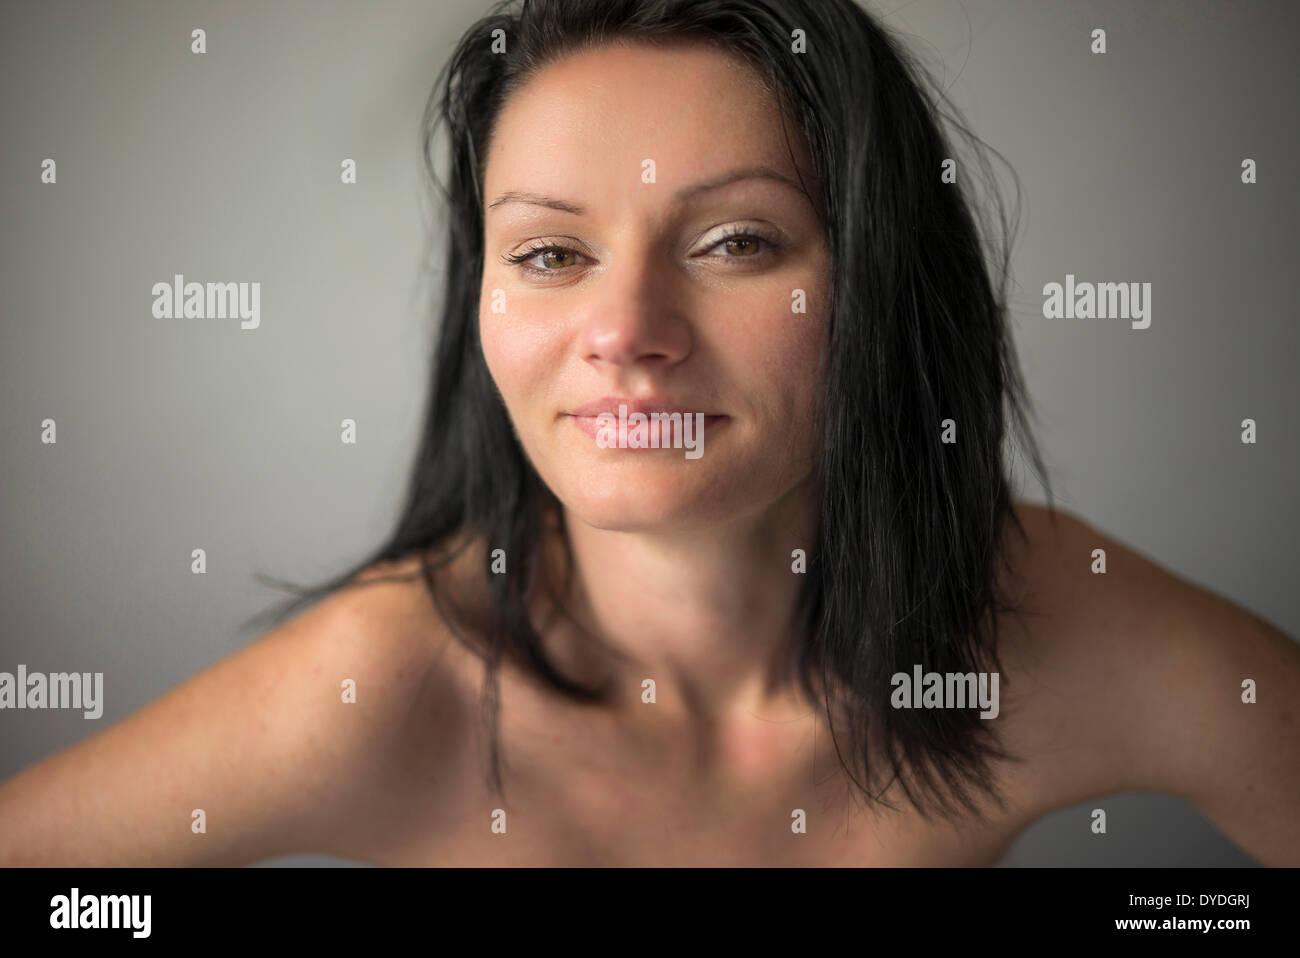 Mujer hermosa con ojos de avellana en el estudio. Foto de stock